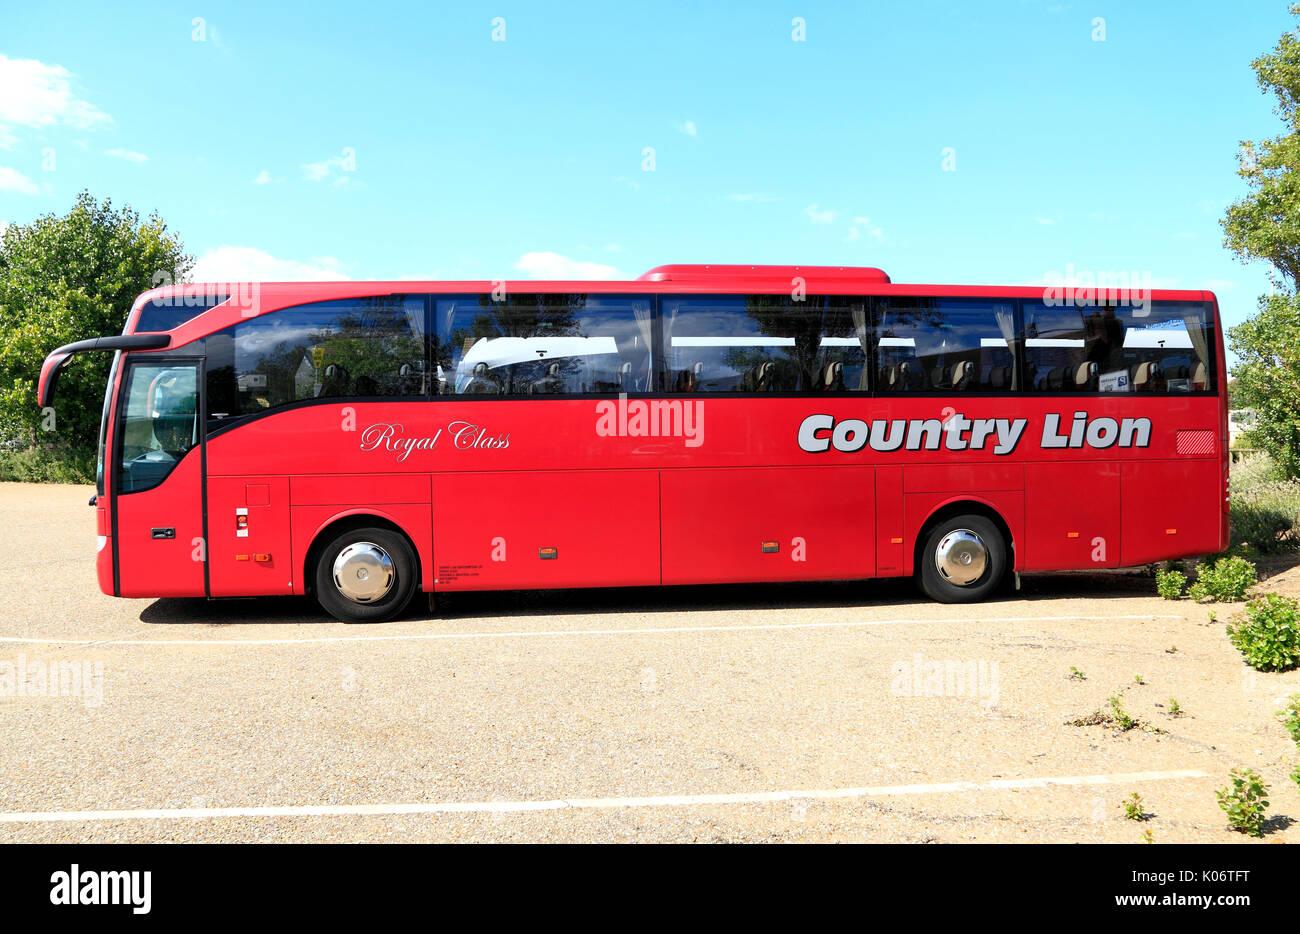 Land Löwe, Royal Class, Trainer, Coach, Reise, Ausflug, Ausflüge, Ausflug, Ausflüge, Reisen unternehmen, Unternehmen, Verkehr, Urlaub, England, Großbritannien Stockbild